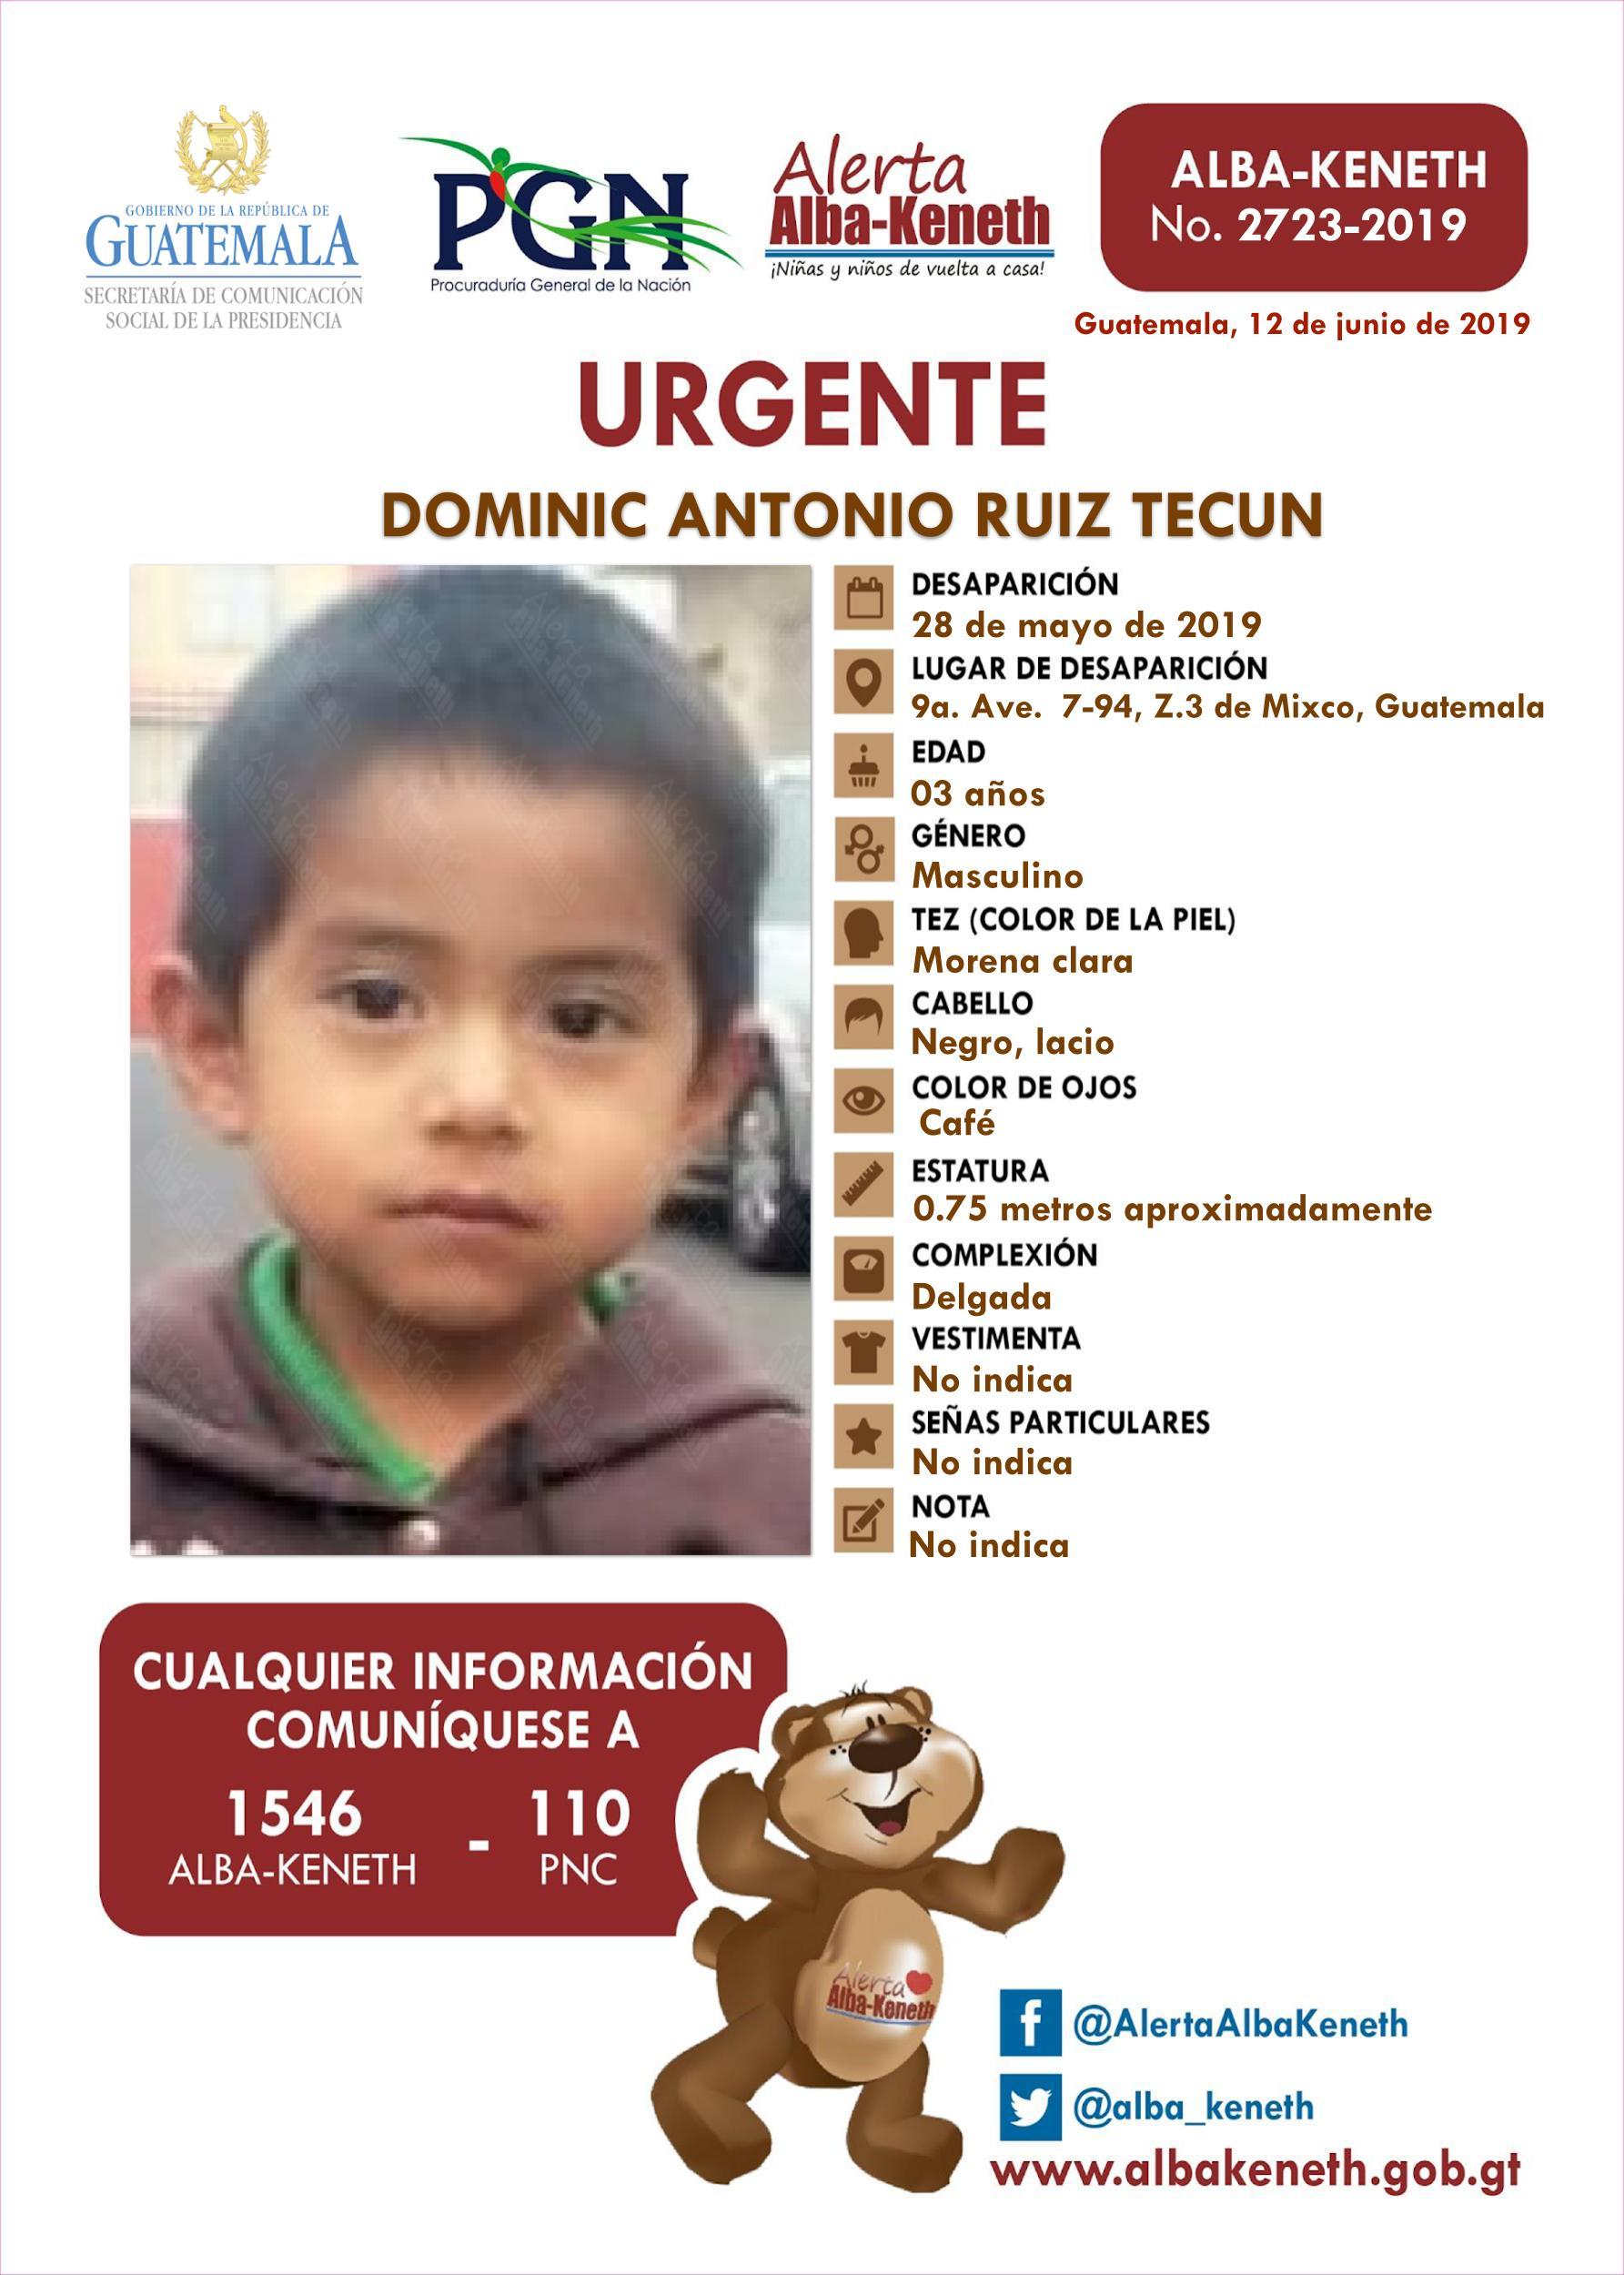 Dominic Antonio Ruiz Tecun